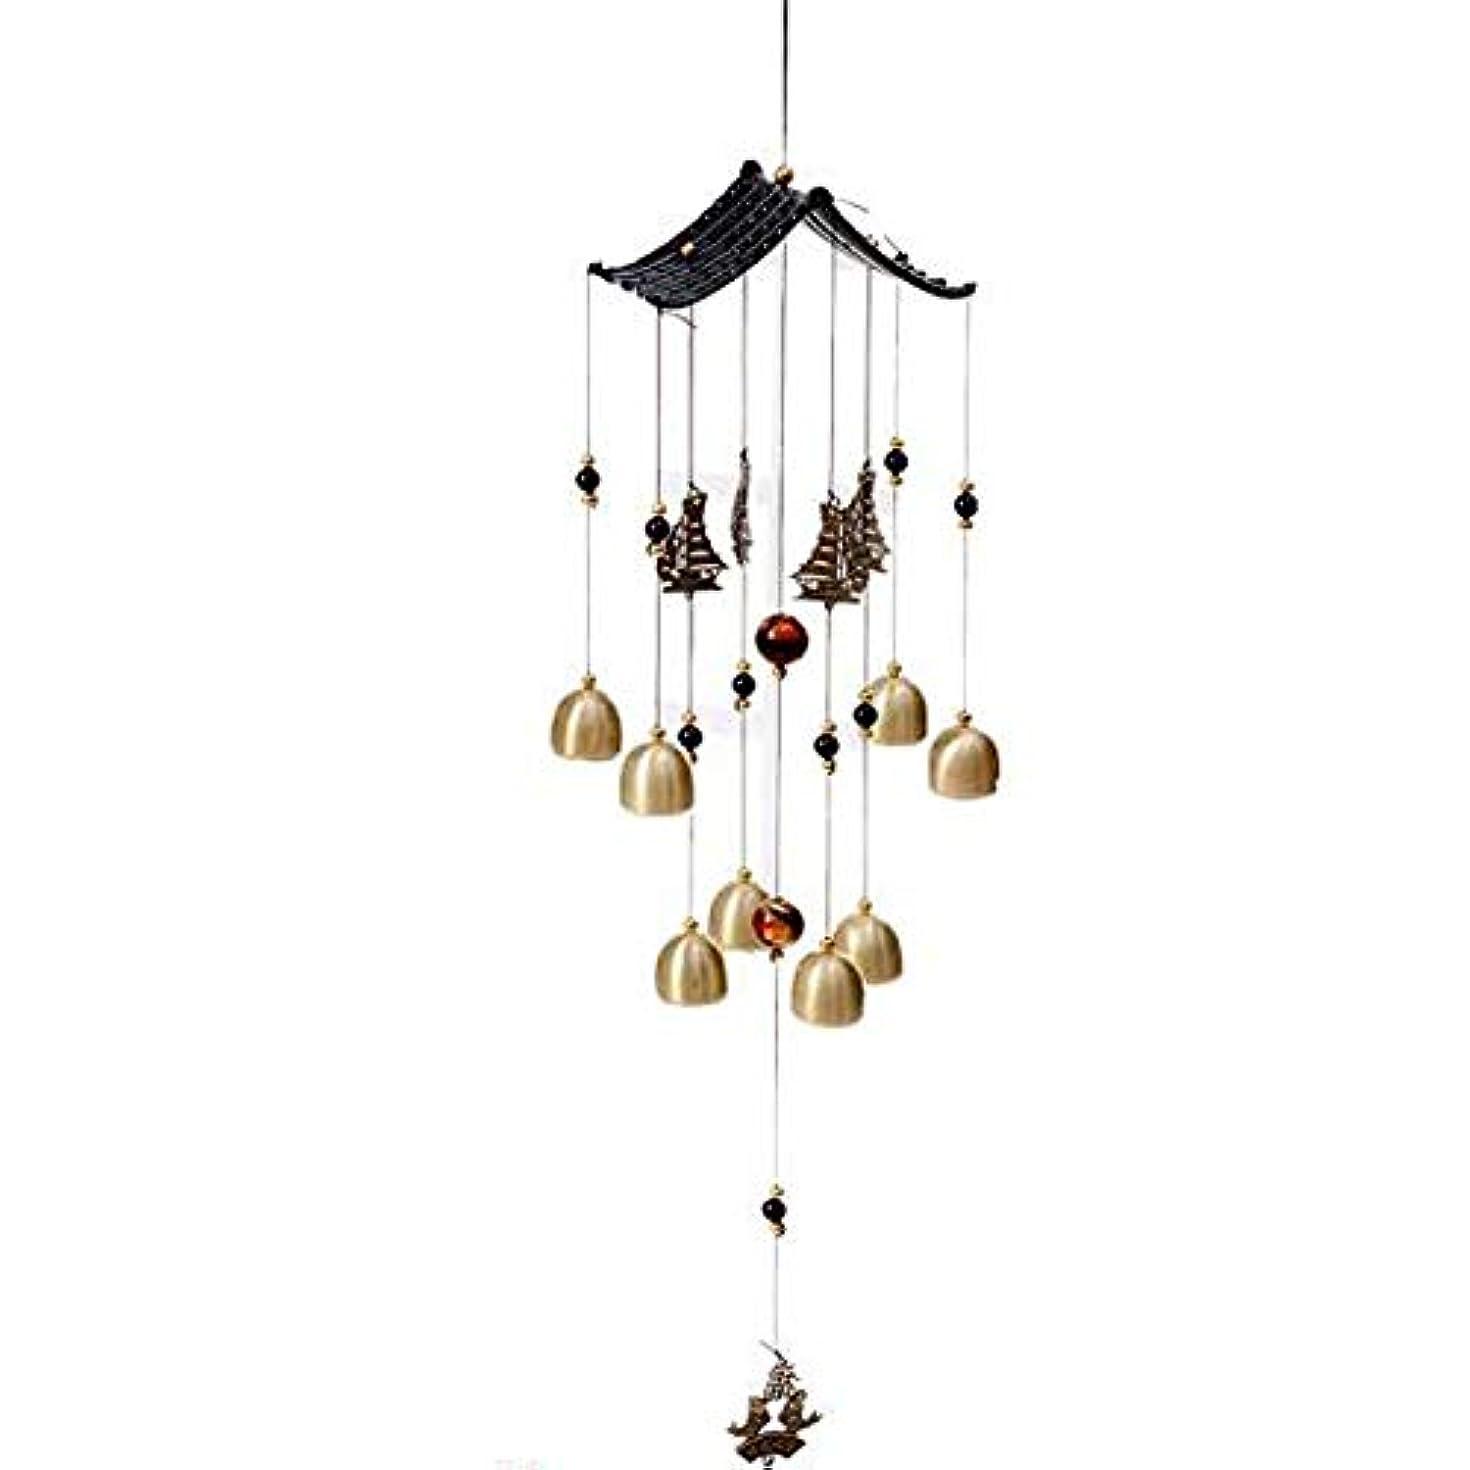 スケジュール憂慮すべき埋め込むYoushangshipin 風チャイム、金属銅鐘ホームデコレーション、ブラック、サイズ62 * 13CM,美しいギフトボックス (Color : Black-A)